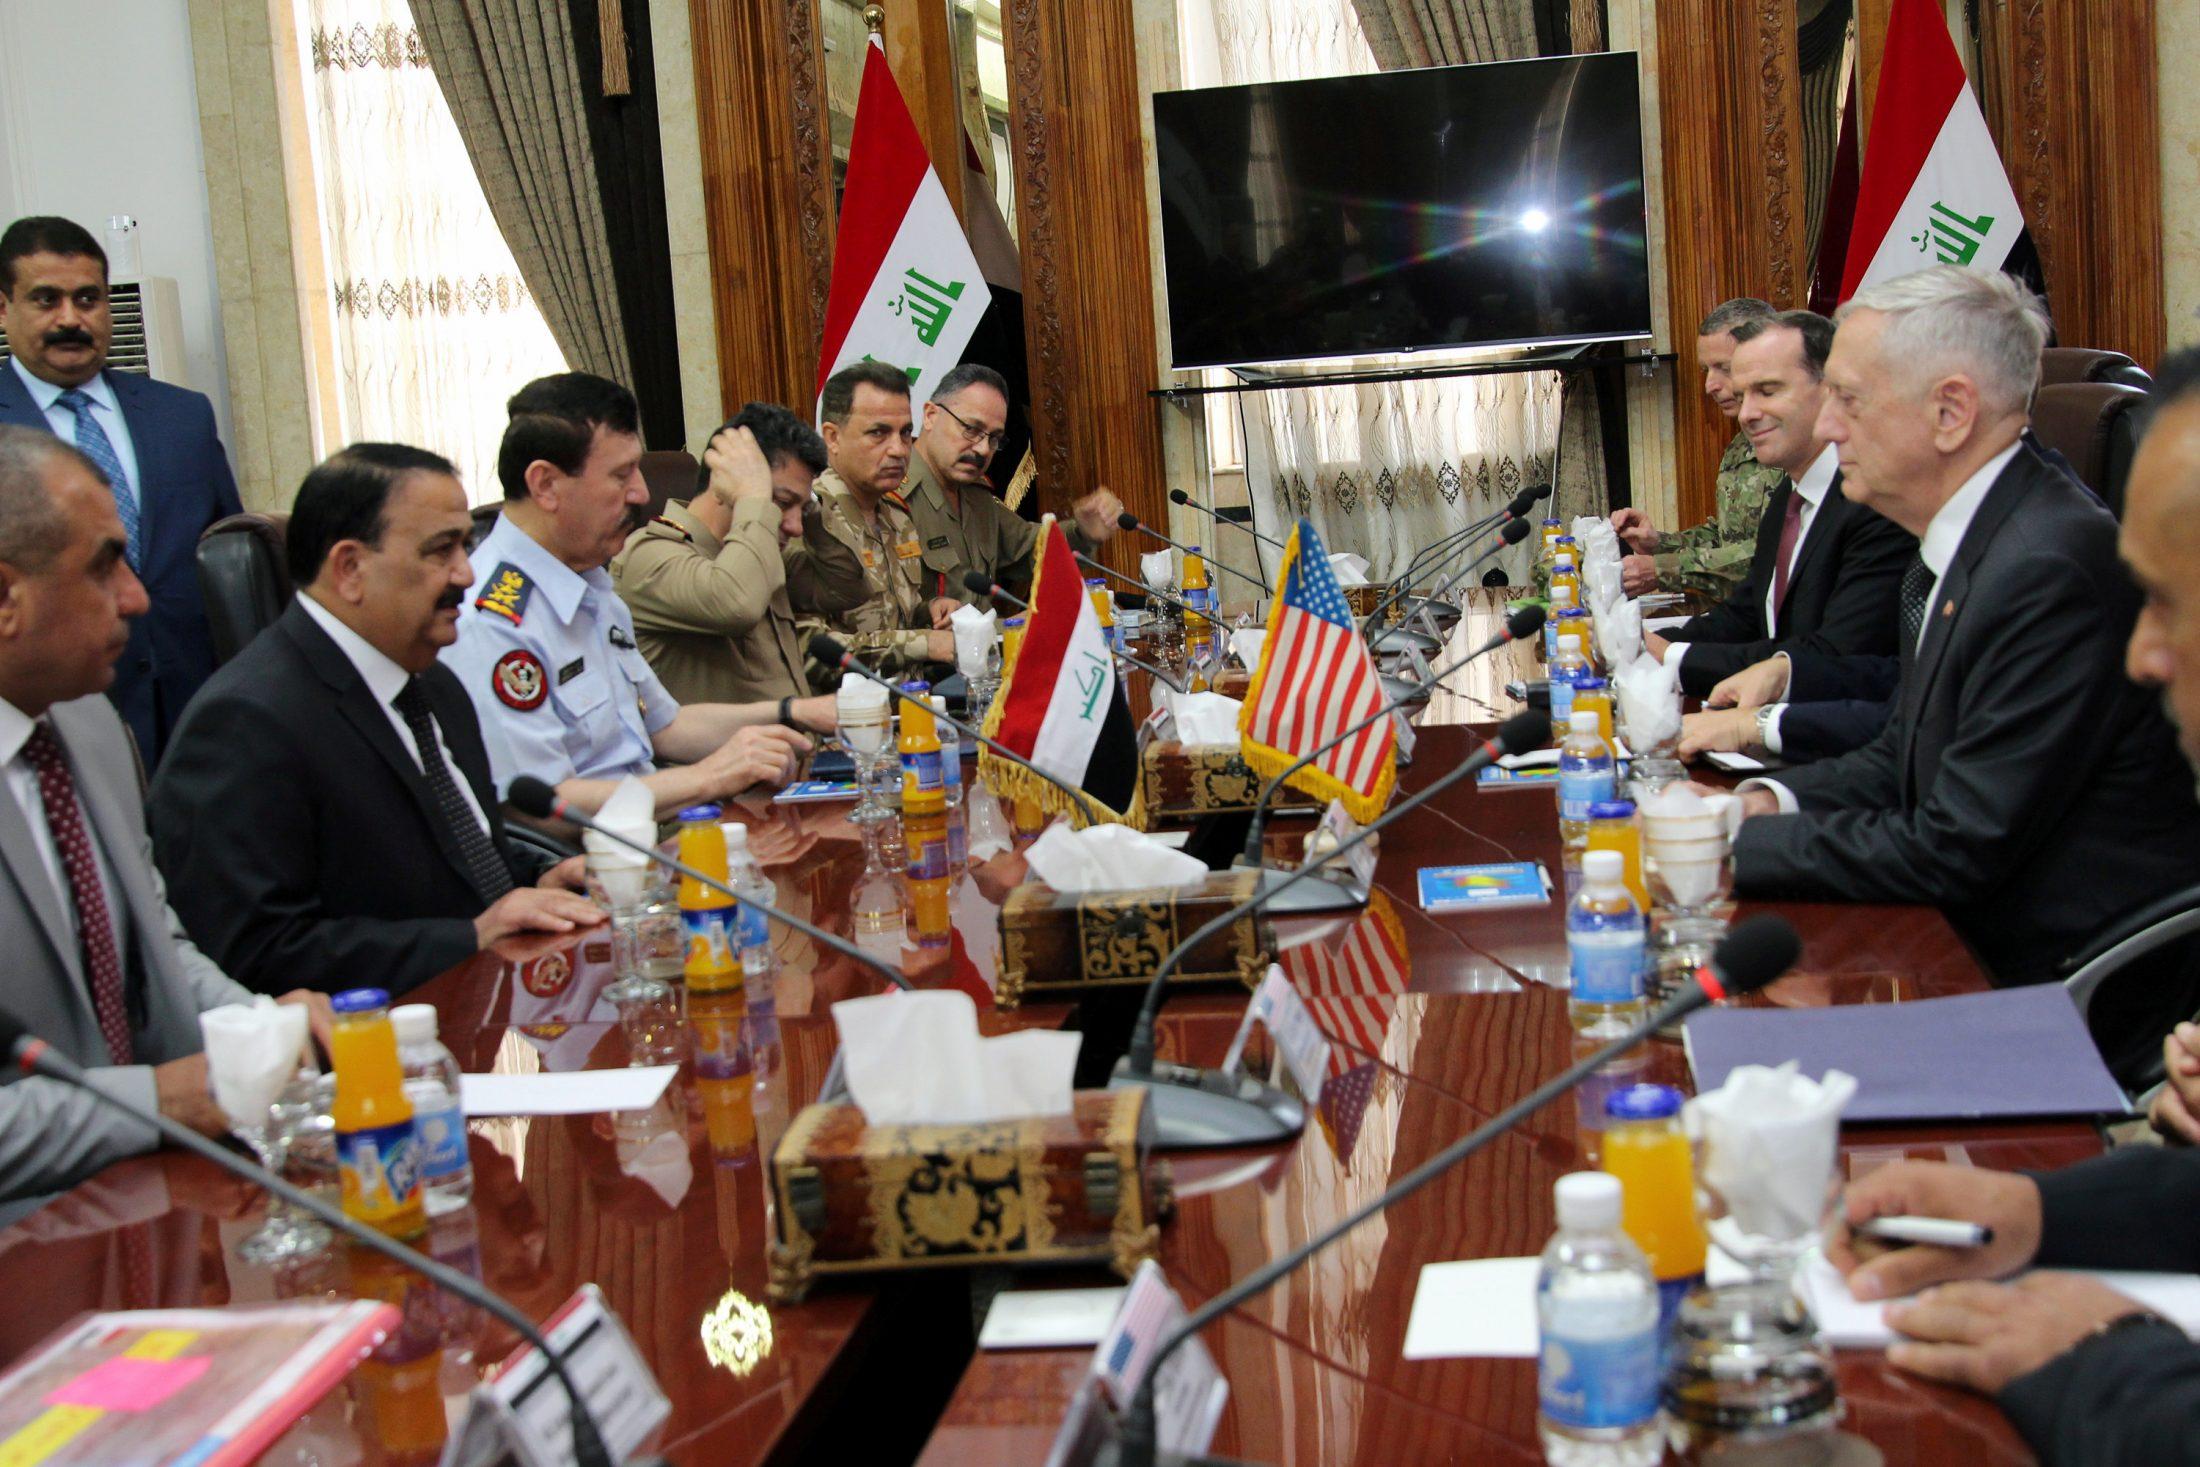 U.S. Defense Secretary Jim Mattis meets with Iraq's Defence Minister Erfan al-Hiyali, in Baghdad, Iraq. Photo by Reuters